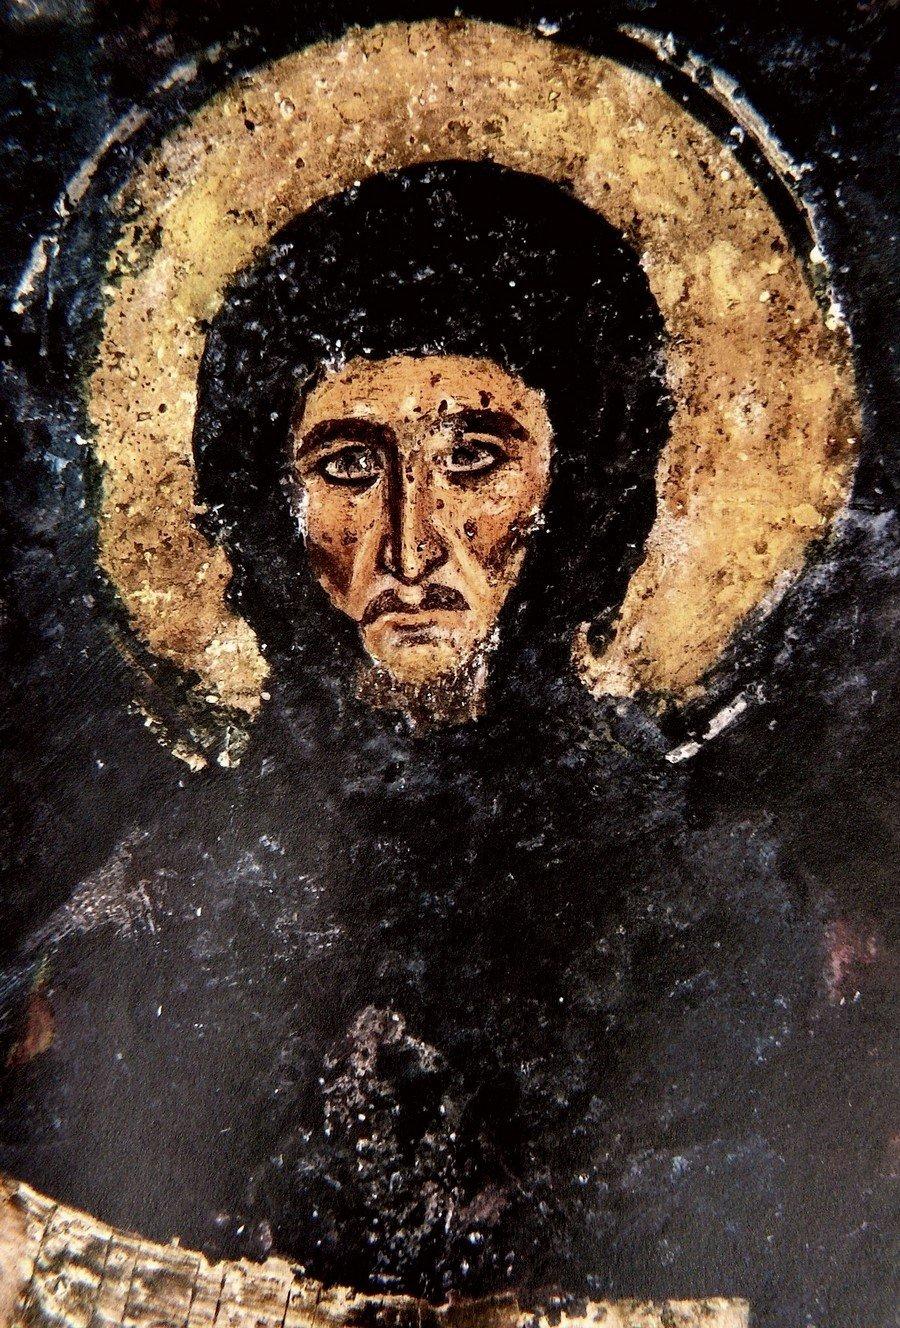 Святой Преподобный Ефрем Сирин. Фреска церкви Святых Николая и Пантелеимона (Боянской церкви) близ Софии, Болгария. 1259 год.